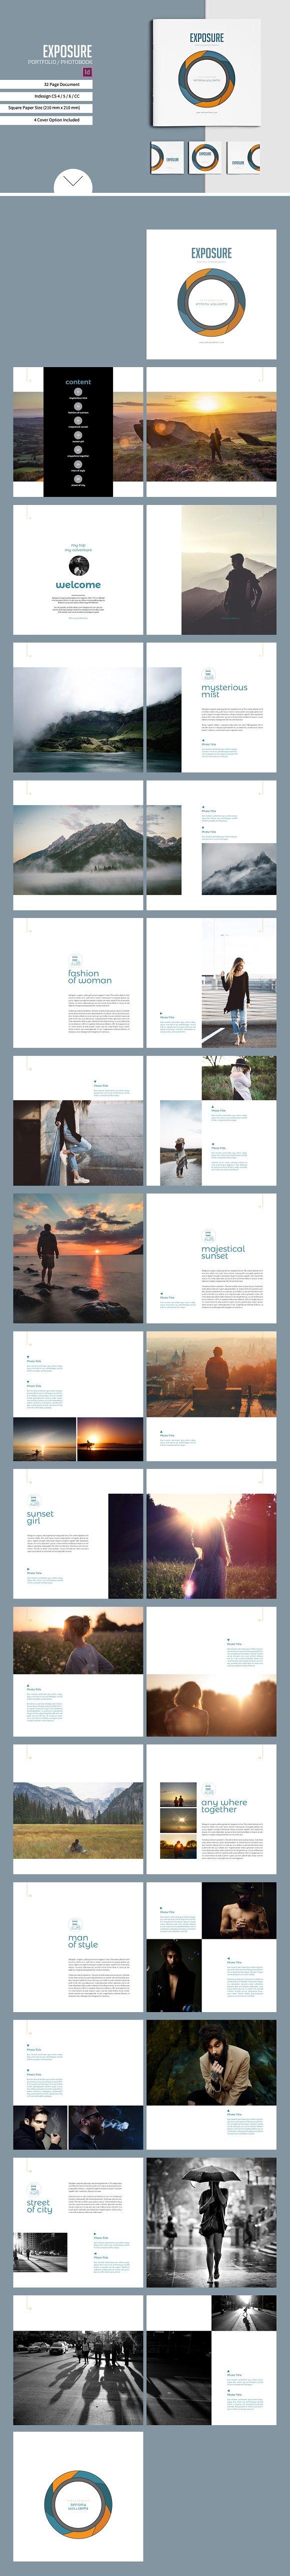 square brochure portfolio template brochure templates on square brochure portfolio template brochures